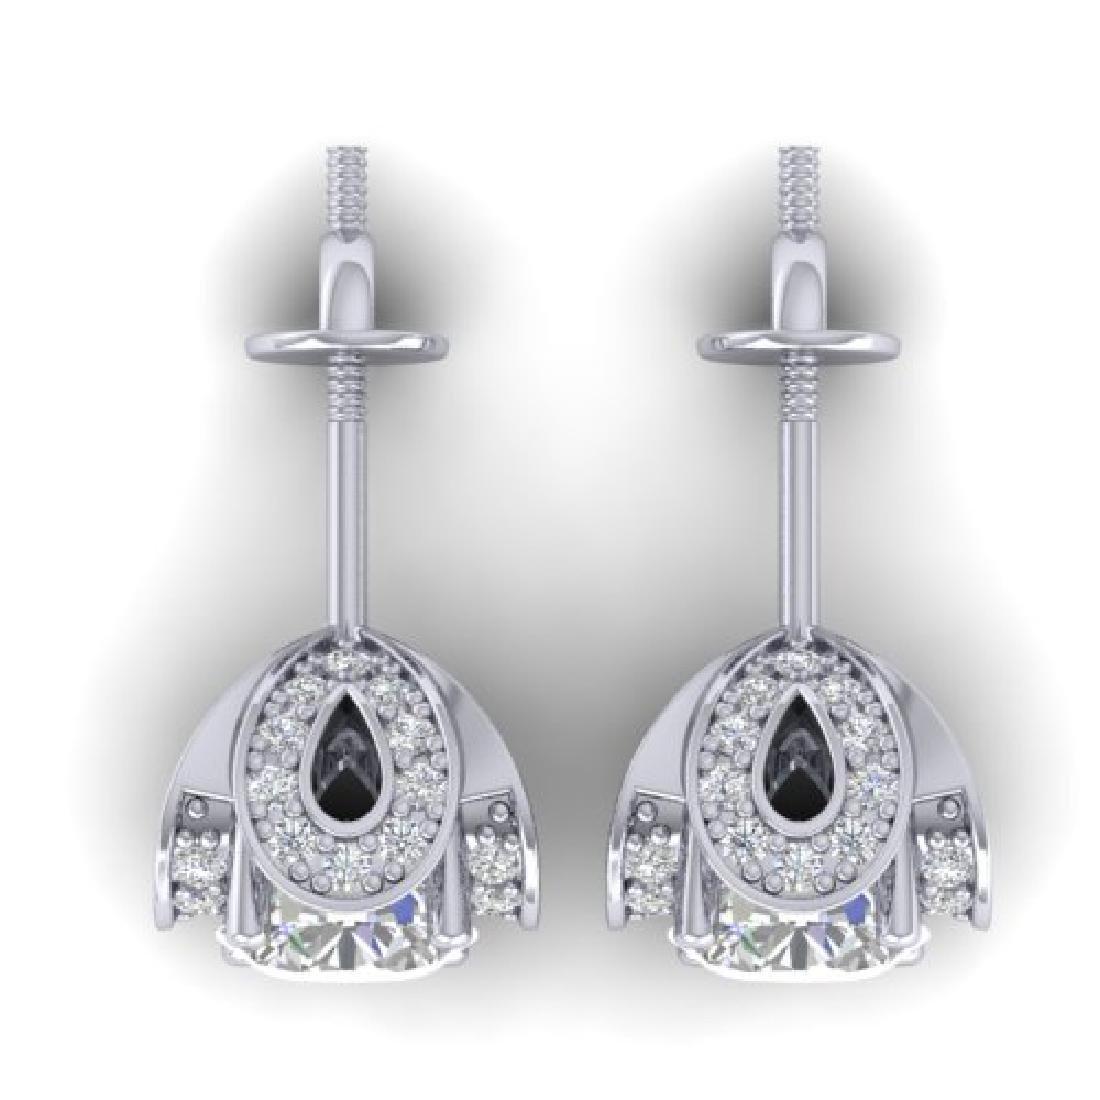 1.85 CTW Certified VS/SI Diamond Art Deco Stud Earrings - 3